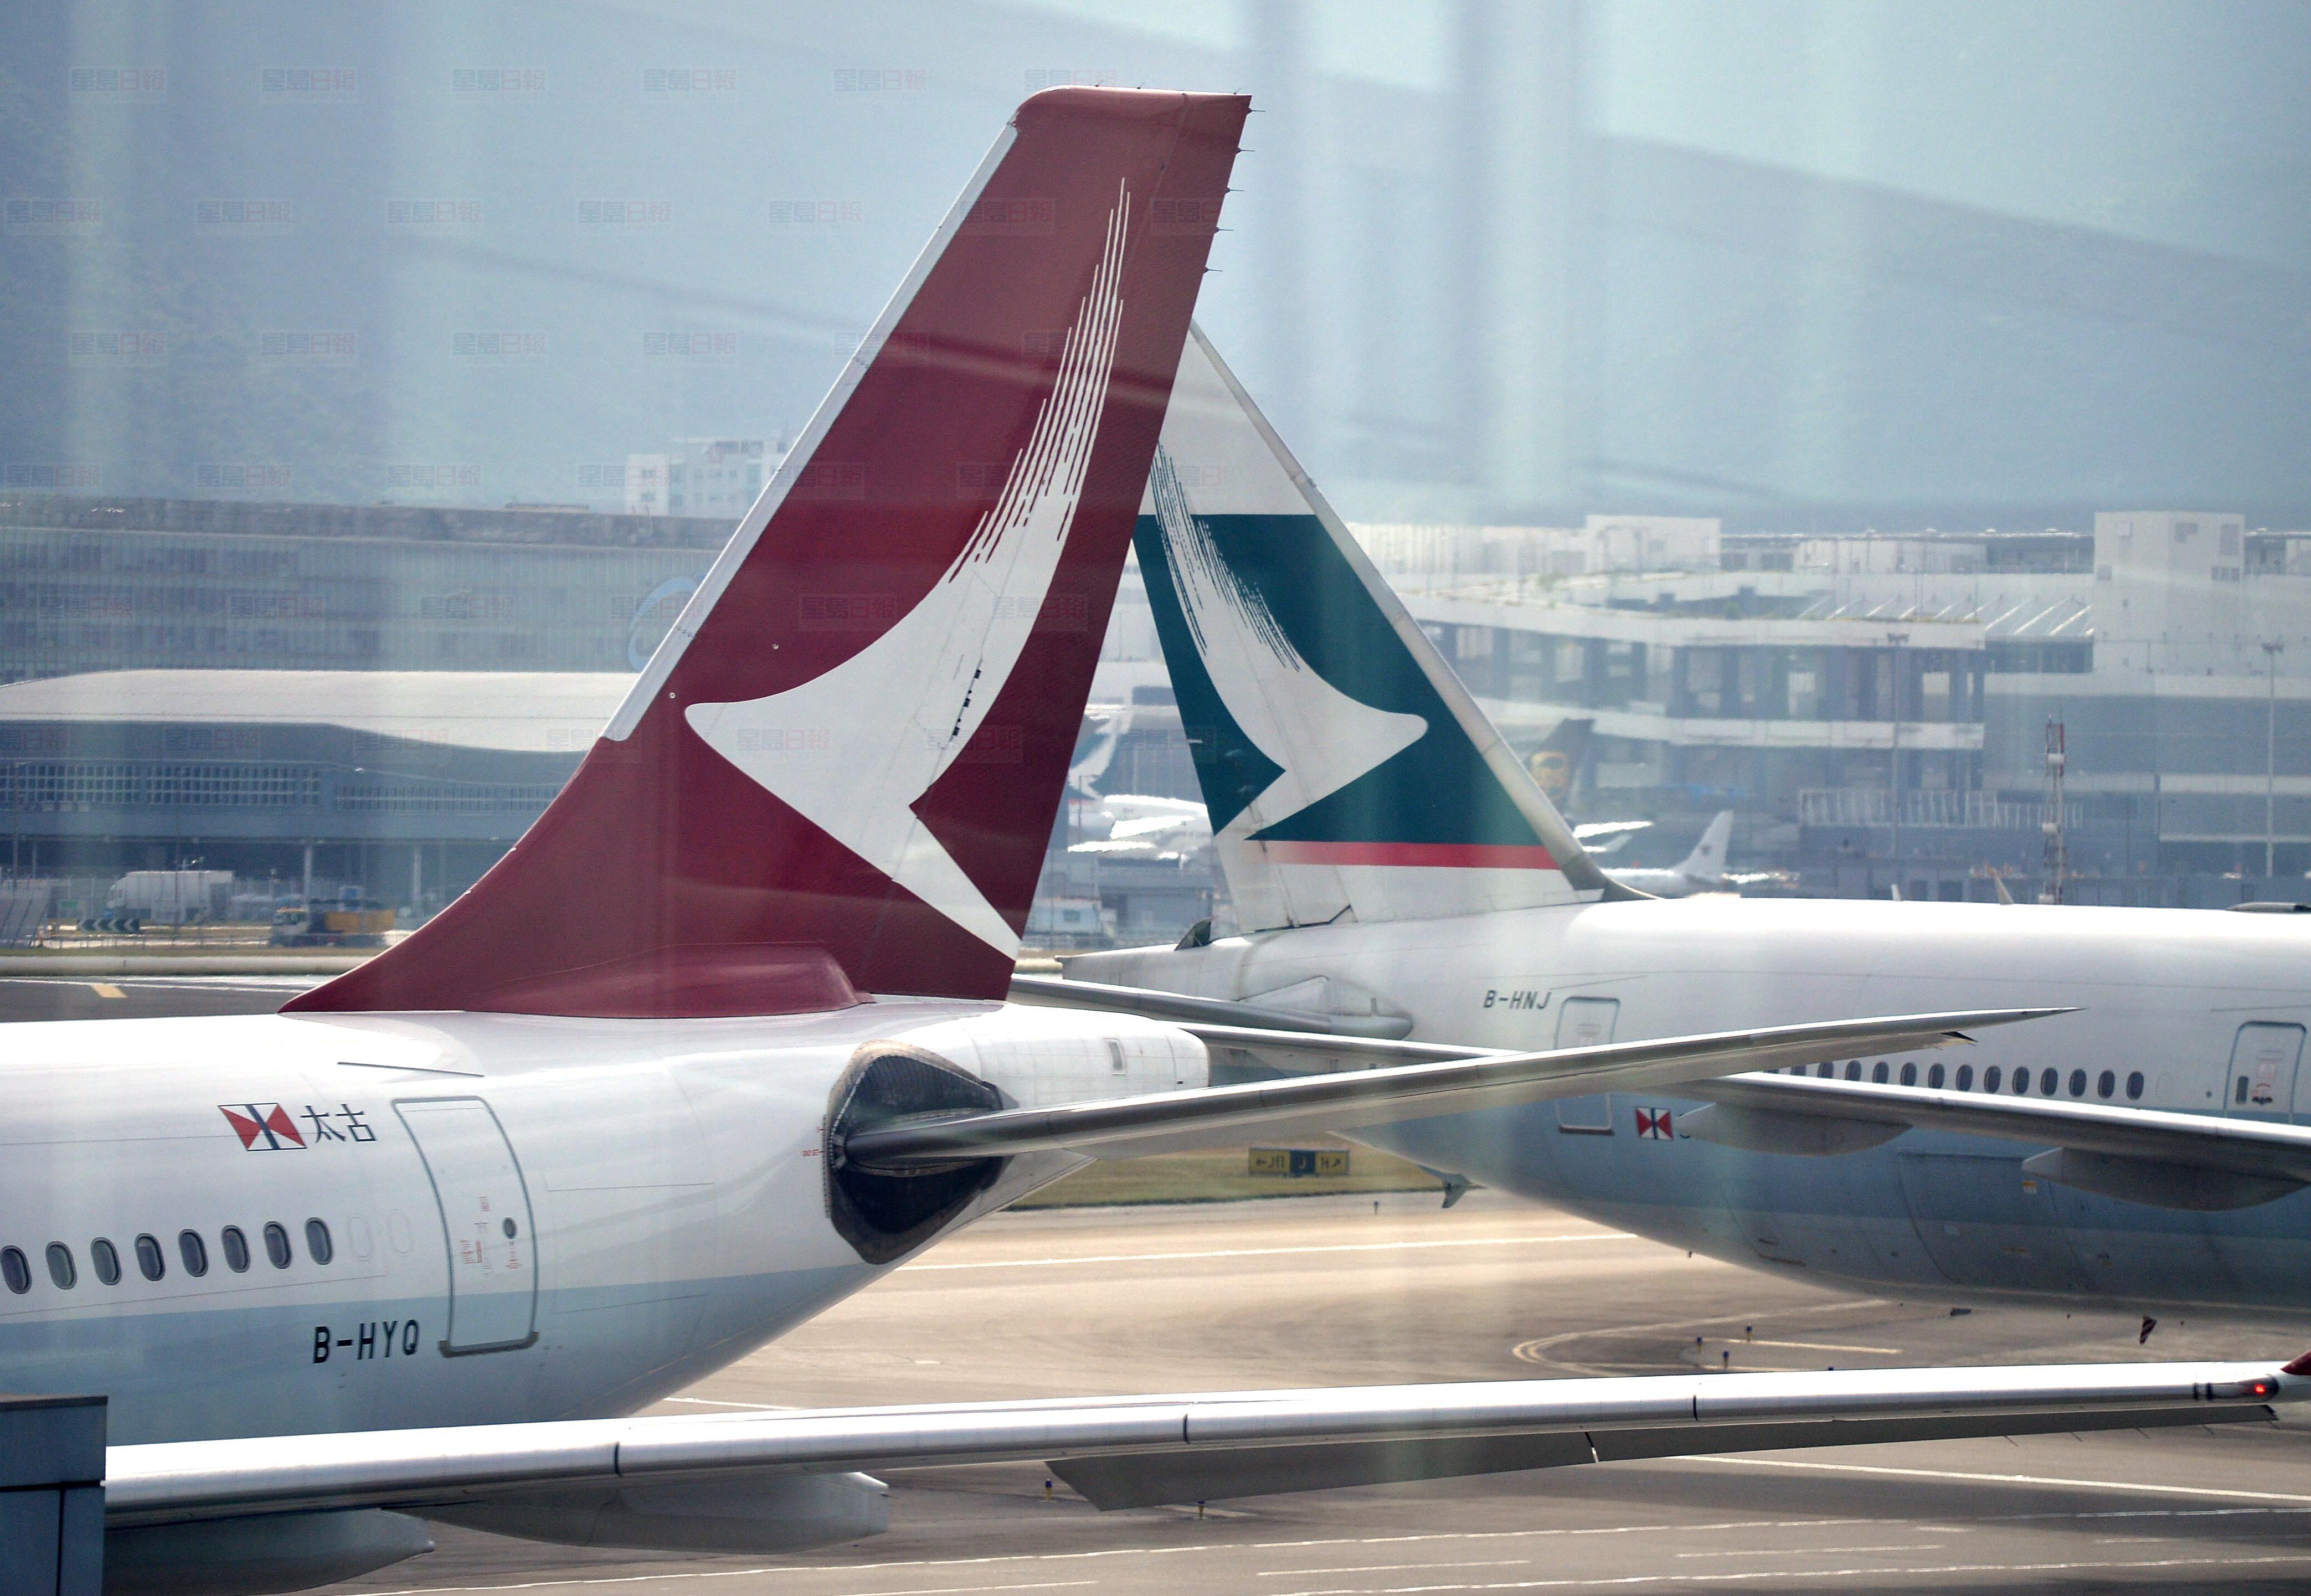 國泰7月客運量仍有增長,但預告8月收益將顯著受壓。 資料圖片